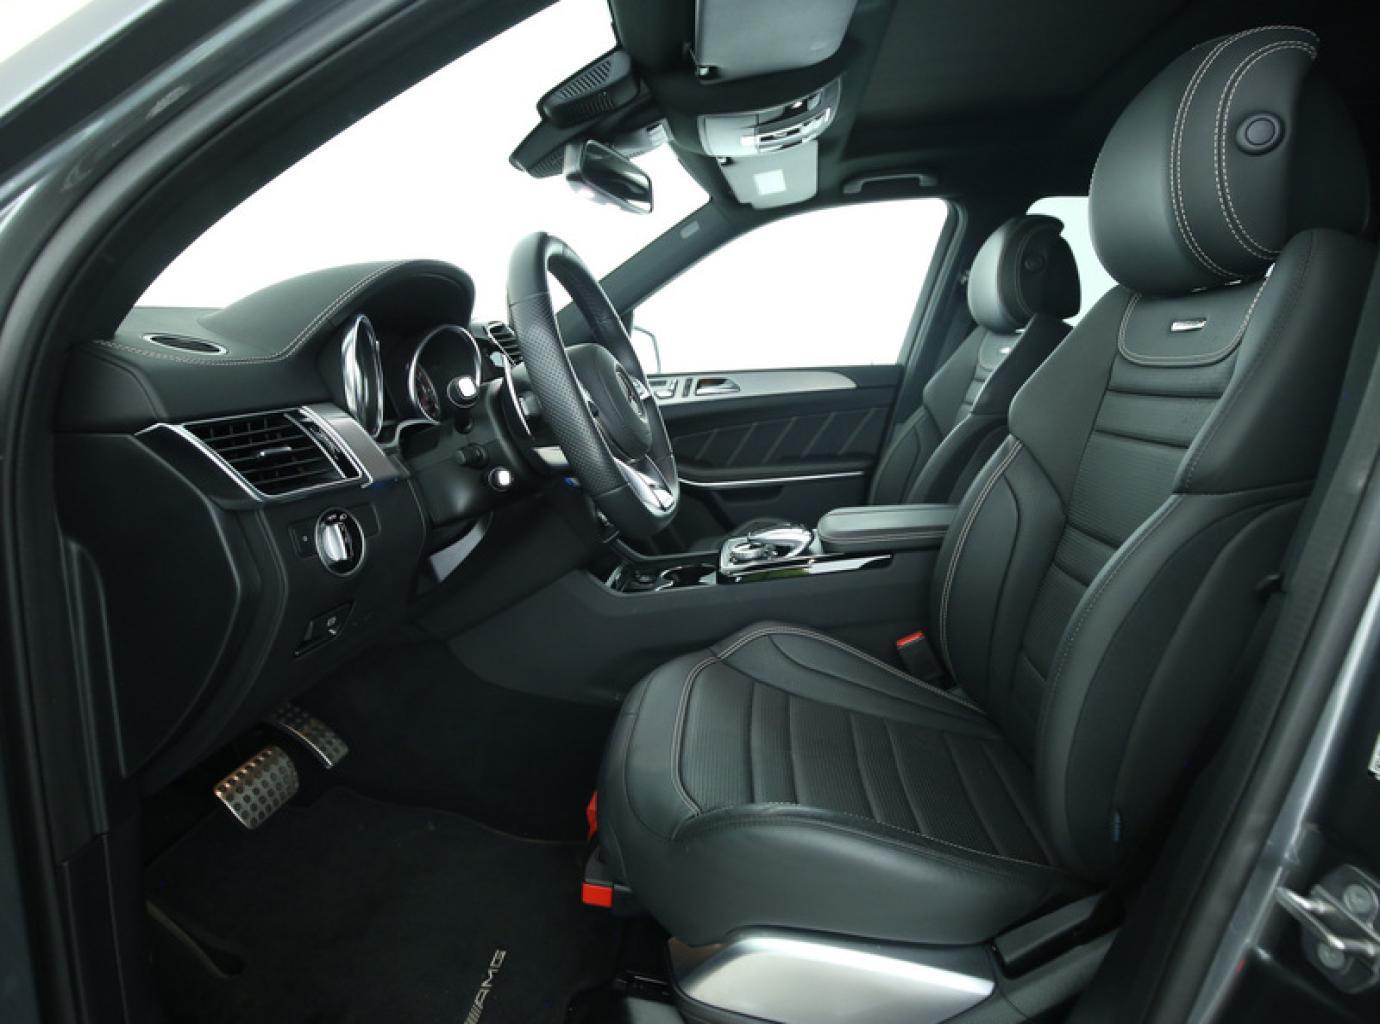 Mercedes-Benz GLS 63 AMG 4M+: DER PERFEKTE LUXUS FÜR SIEBEN!, Jahr 2019, Benzin